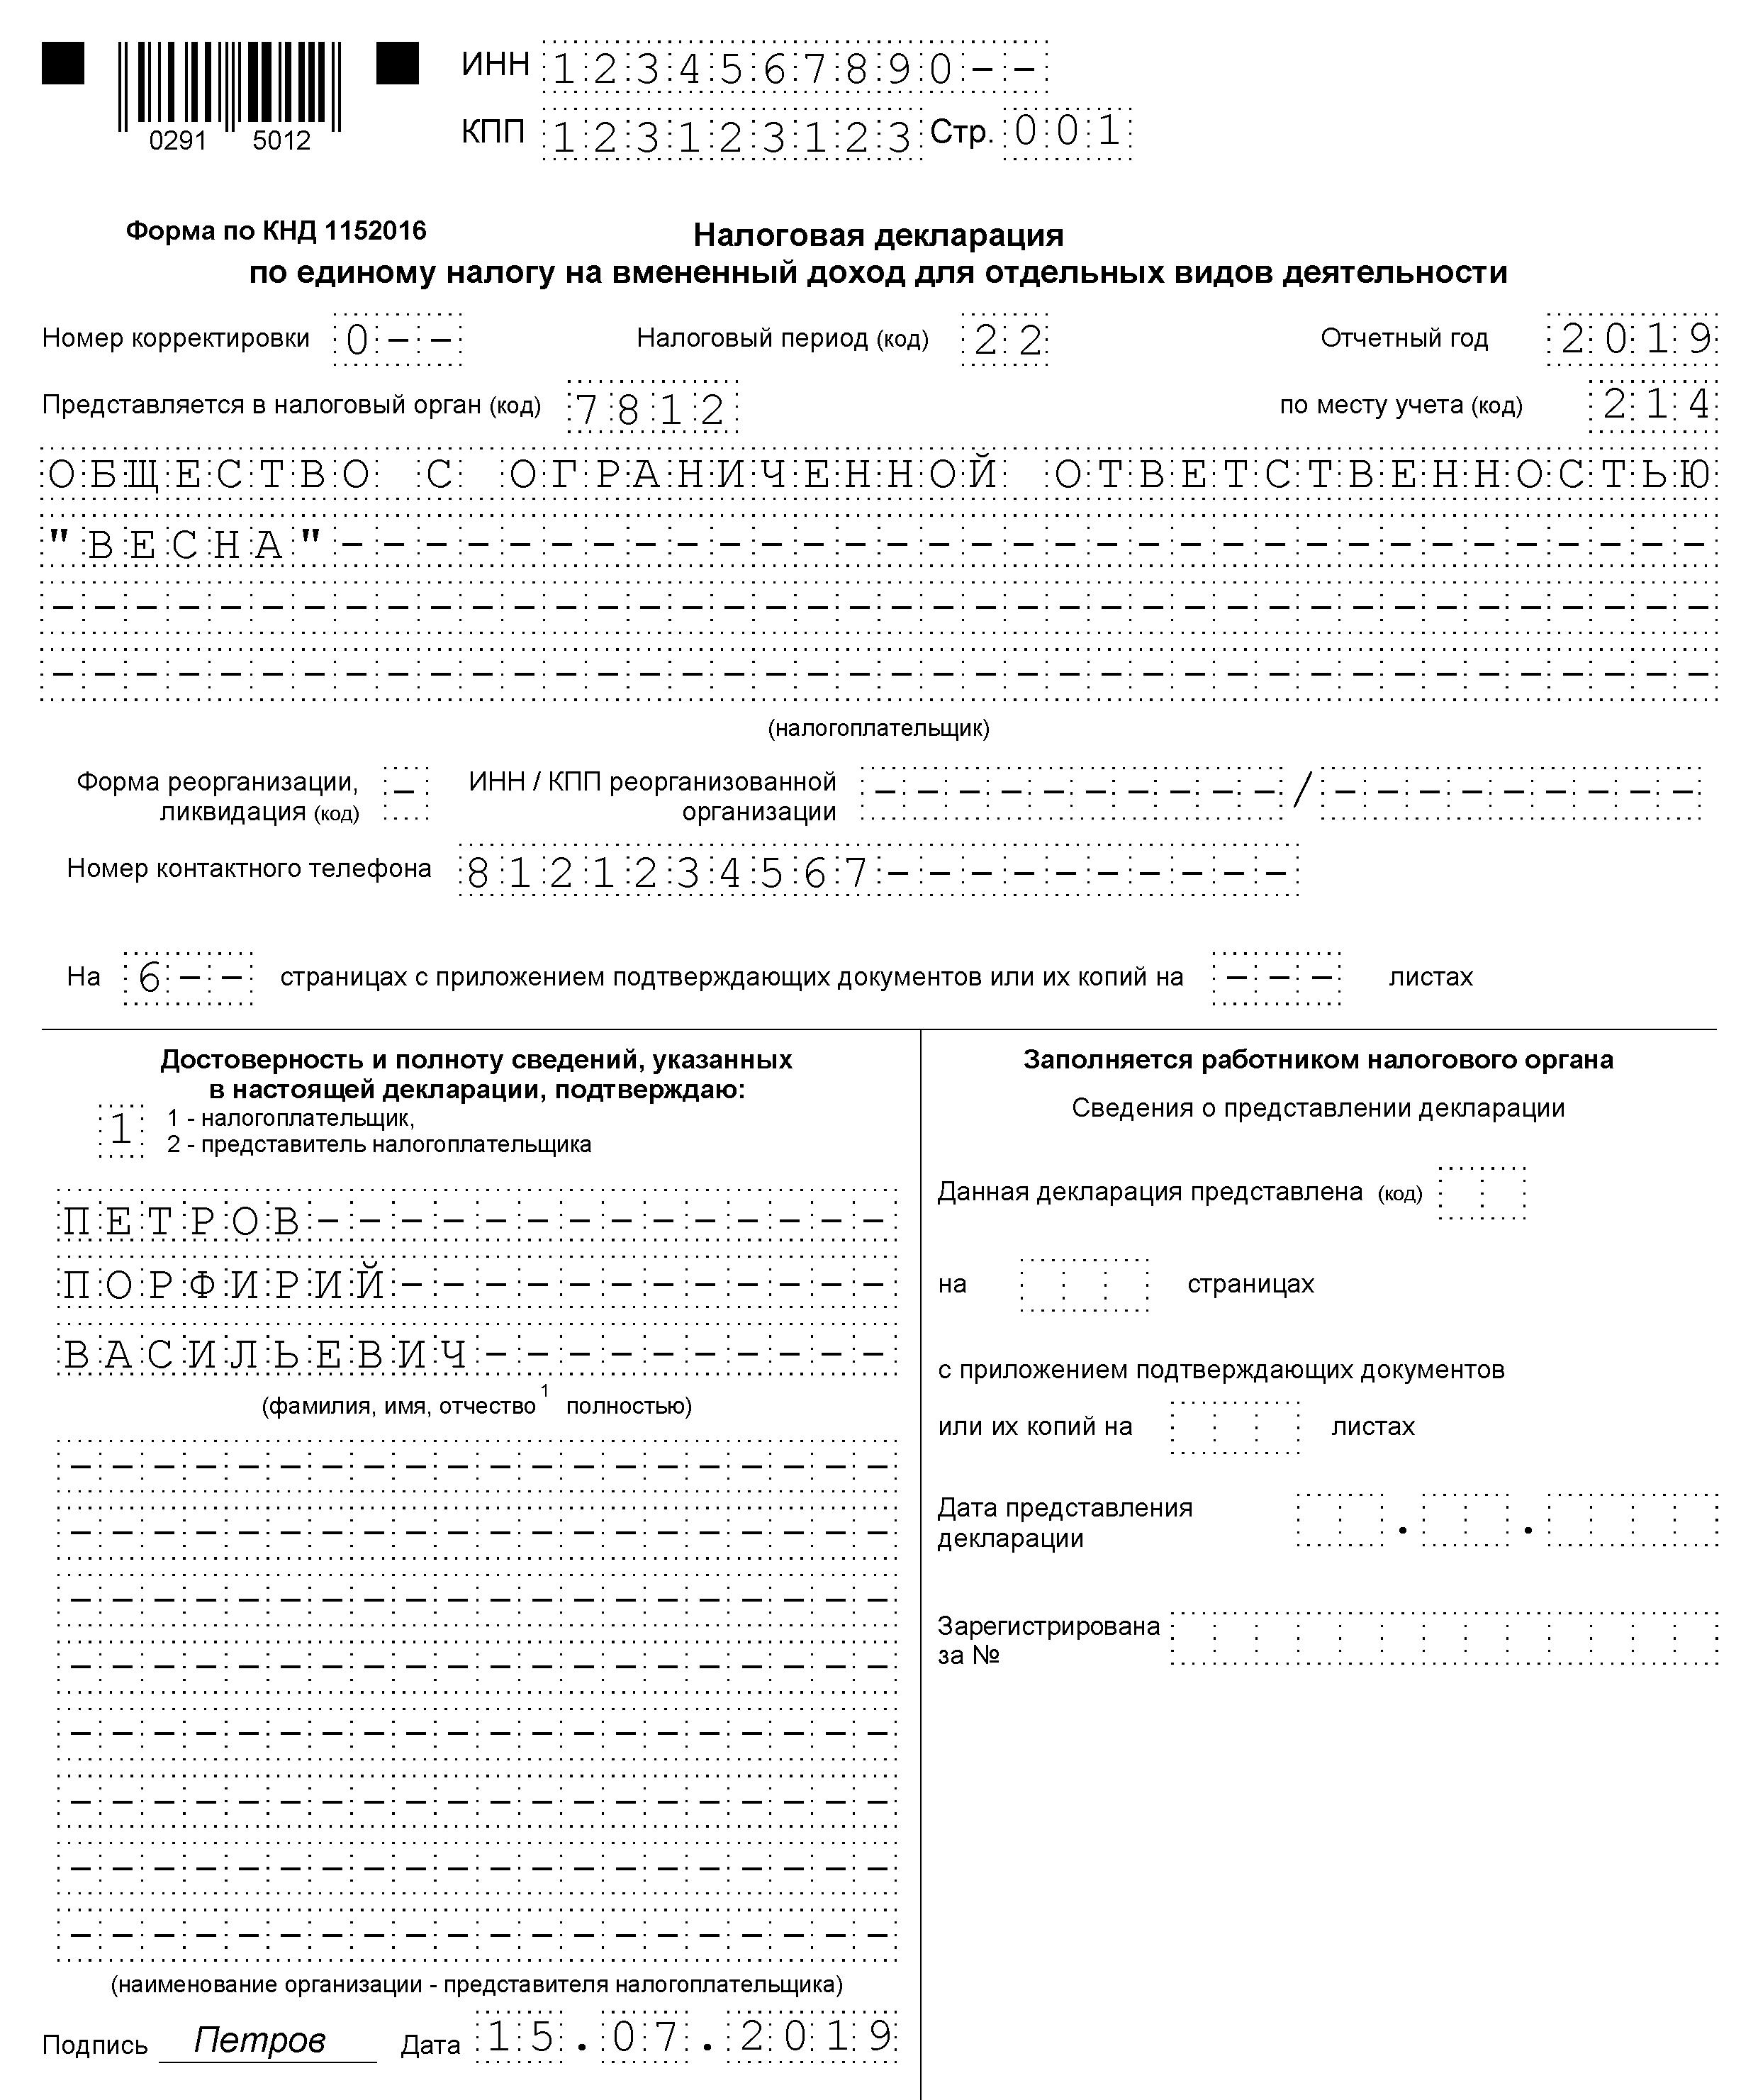 Декларация по ЕНВД за 3 квартал 2019 года: пример заполнения и бланк